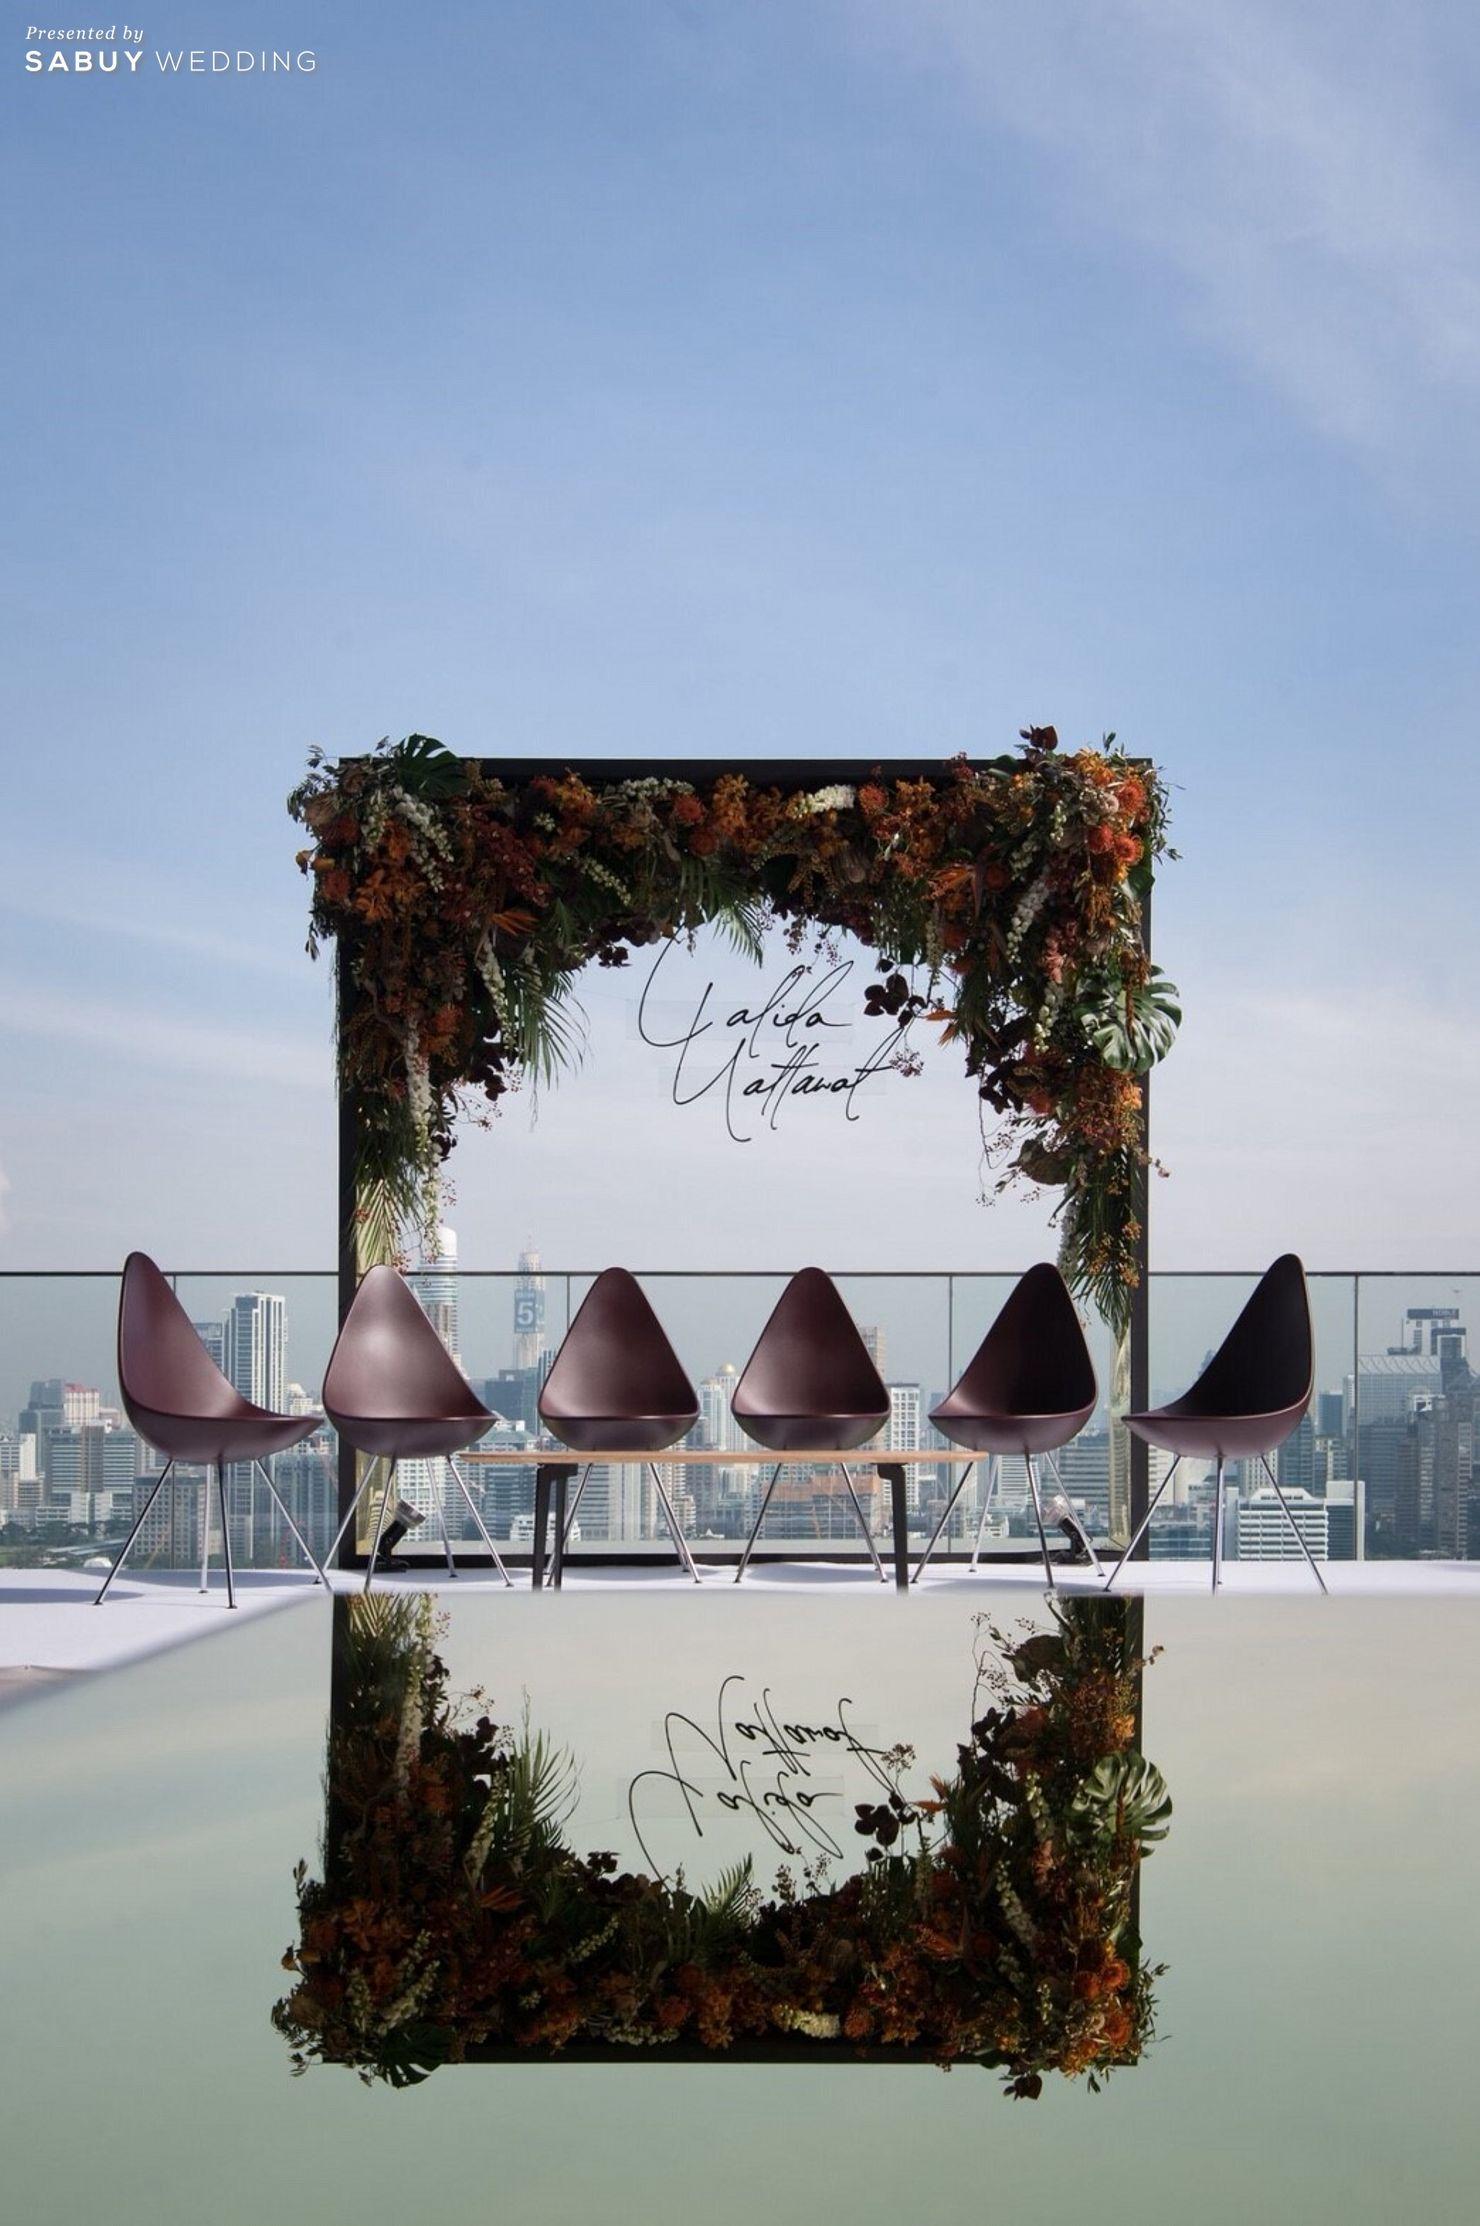 สถานที่แต่งงาน,โรงแรม,rooftop,ตกแต่งงานแต่ง,จัดดอกไม้งานแต่ง,สถานที่แต่งงานดาดฟ้า รีวิวงานแต่ง Sit-down Lunch และ Dinner เฉียบเรียบโก้ โมเดิร์นมาก @SO Sofitel Bangkok